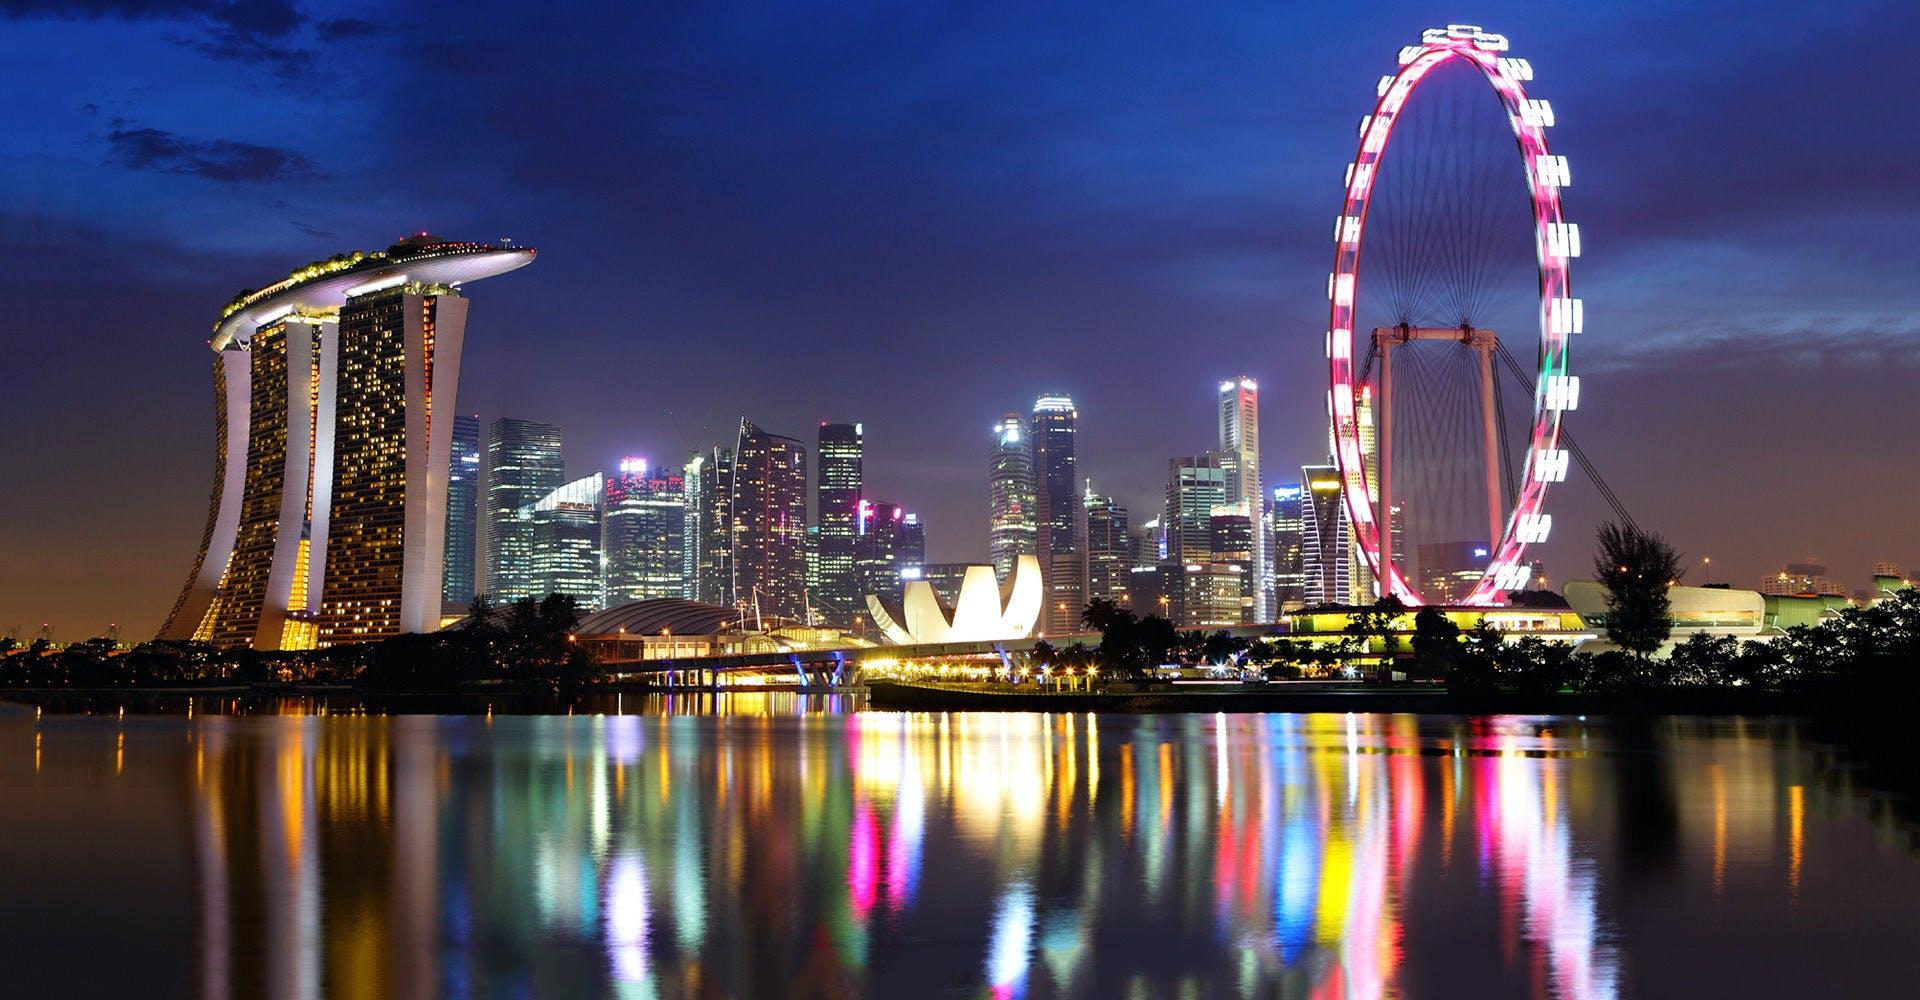 シンガポールで3Dプリント銃の3Dモデル所有を禁止する法案が提出